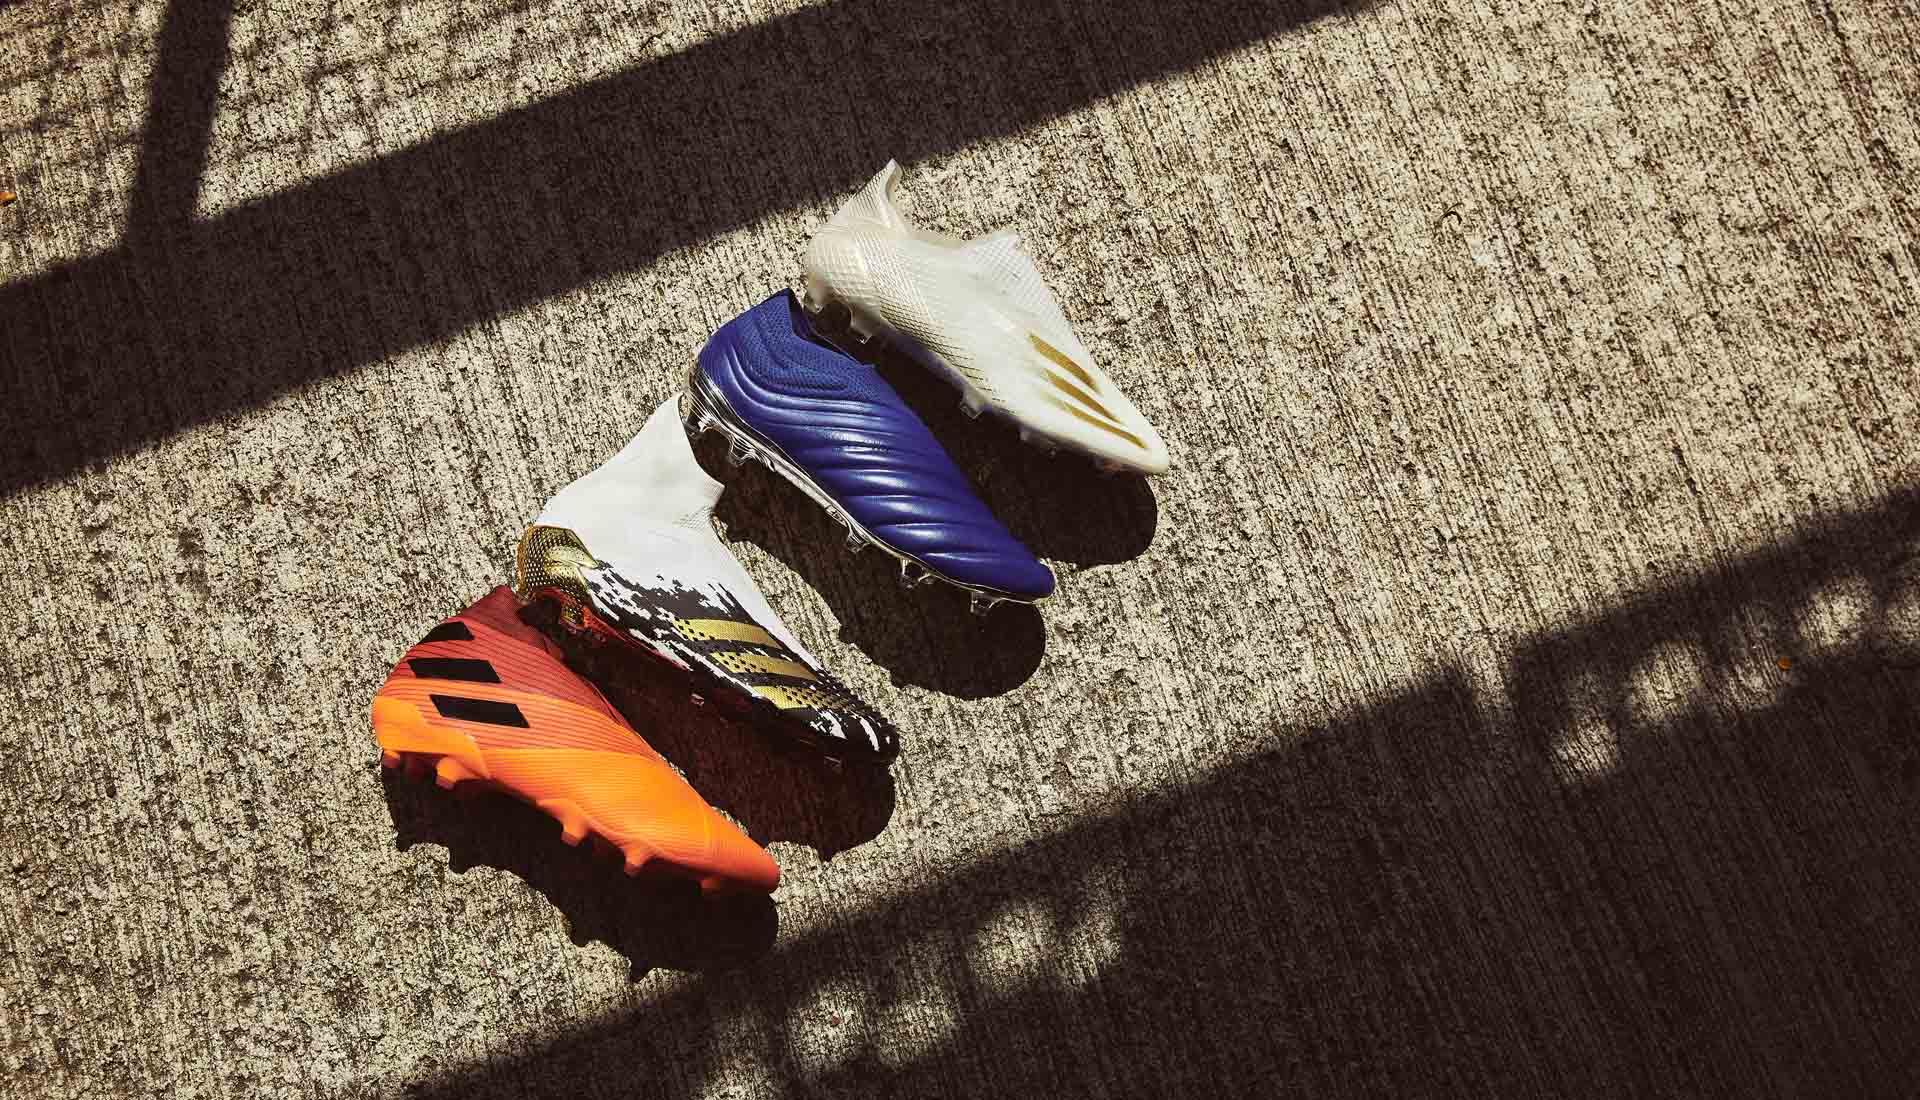 Bộ sưu tập giày bóng đá chuẩn bị cho Champions League và mở đầu mùa giải mới